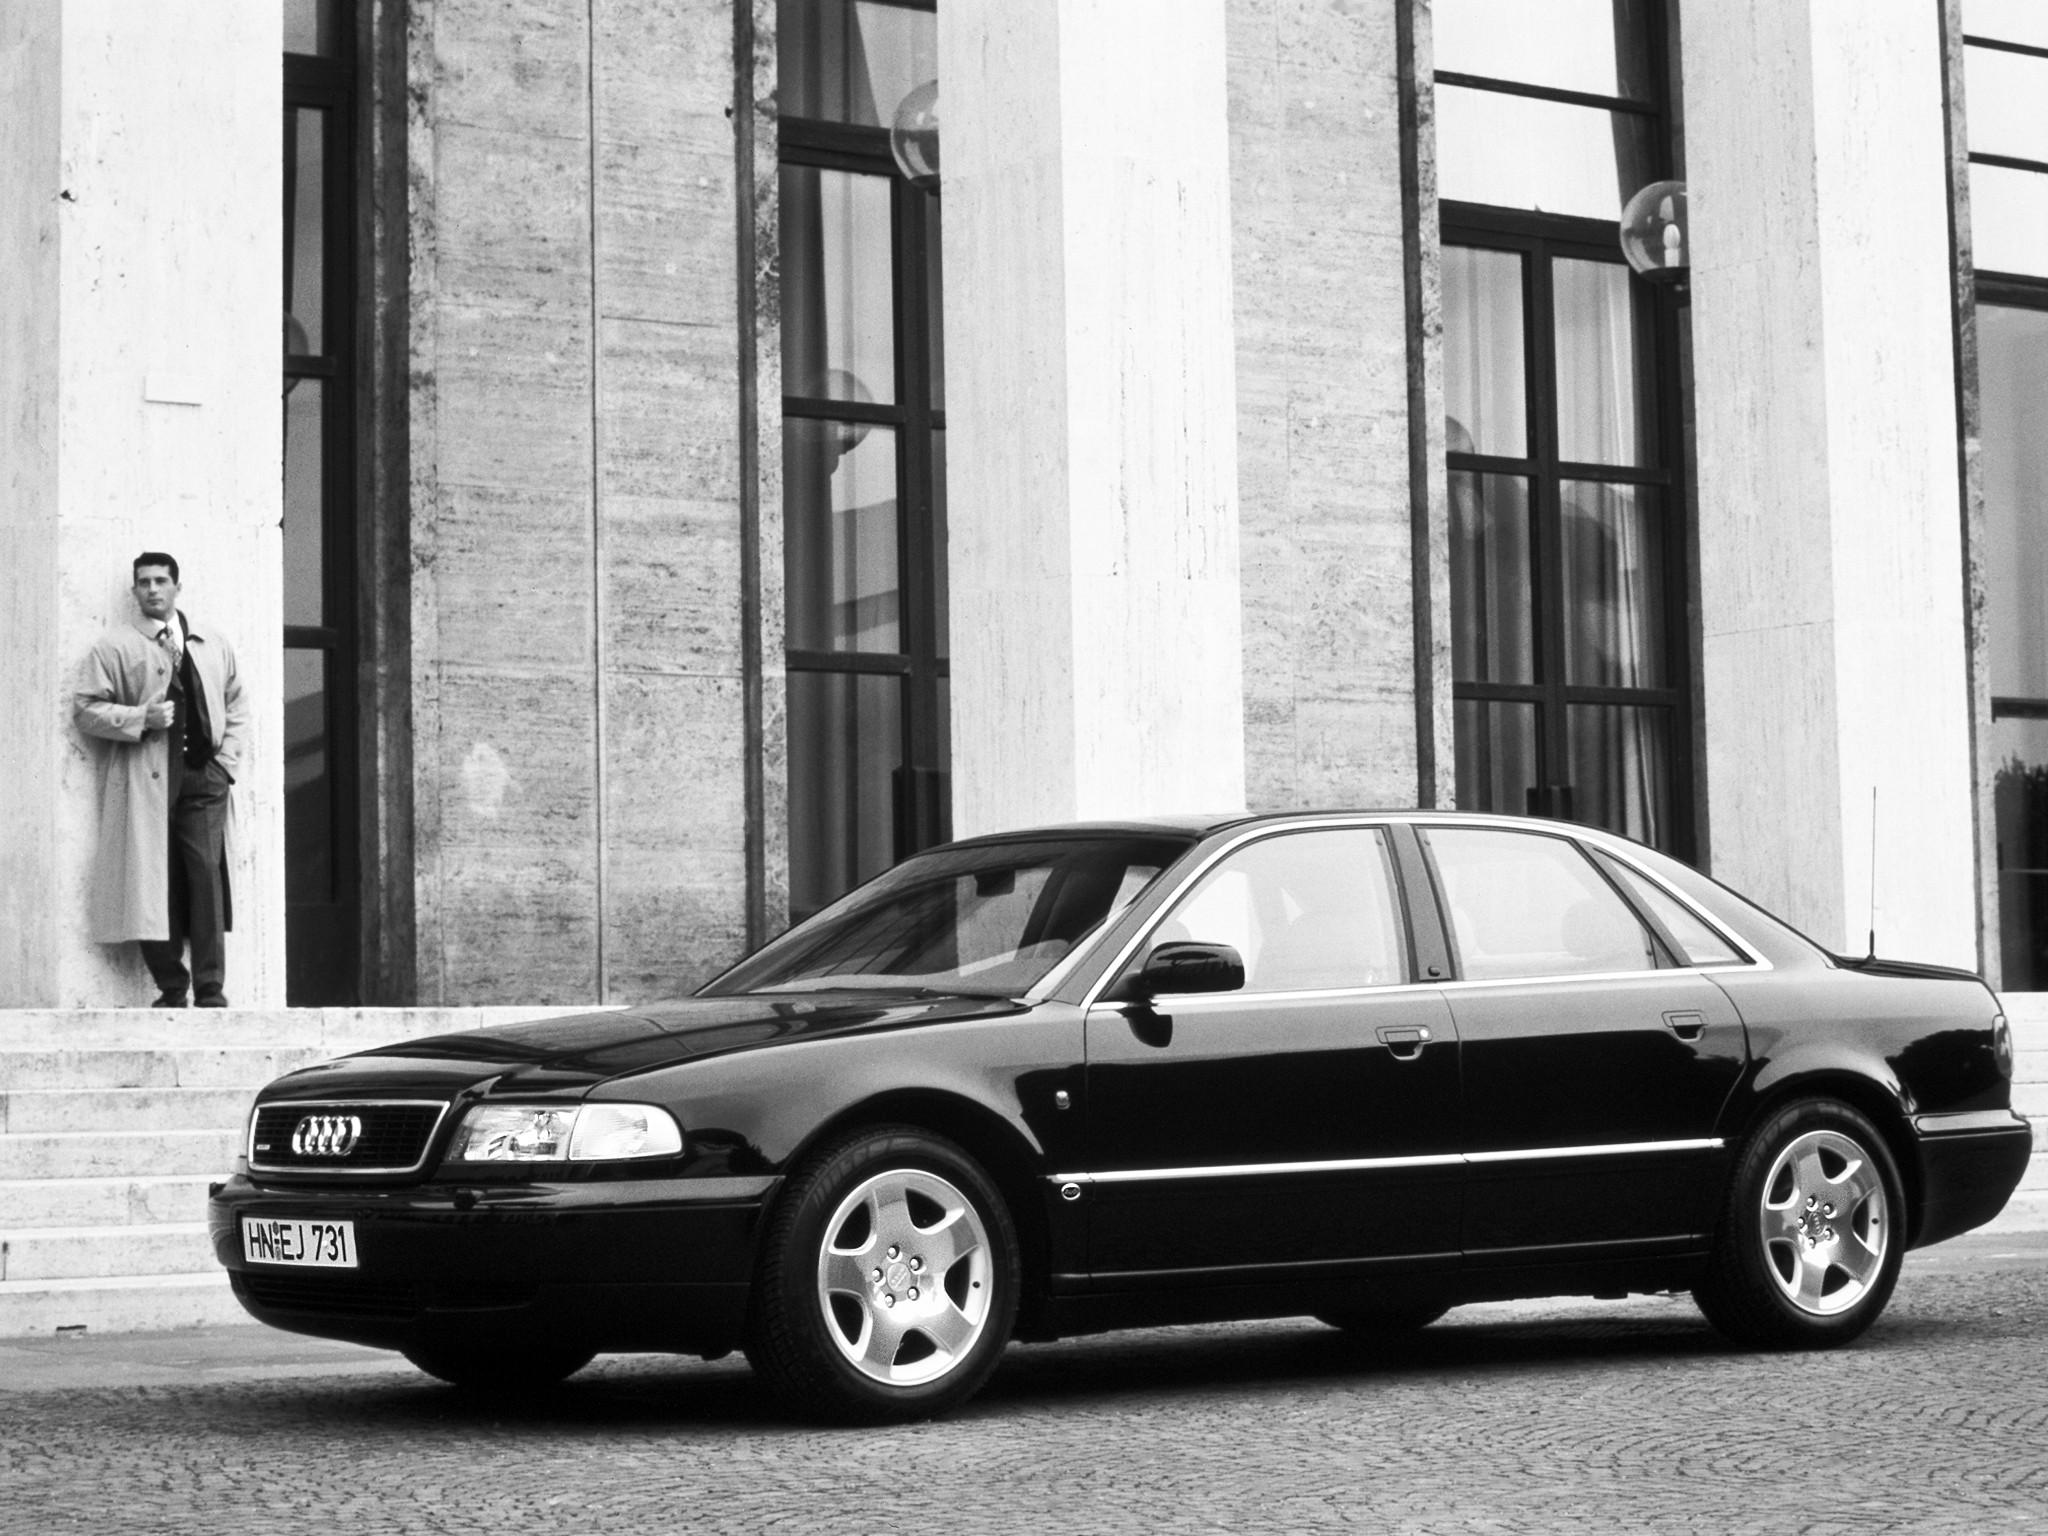 Audi S8 I (D2) 1996 - 1999 Sedan #3